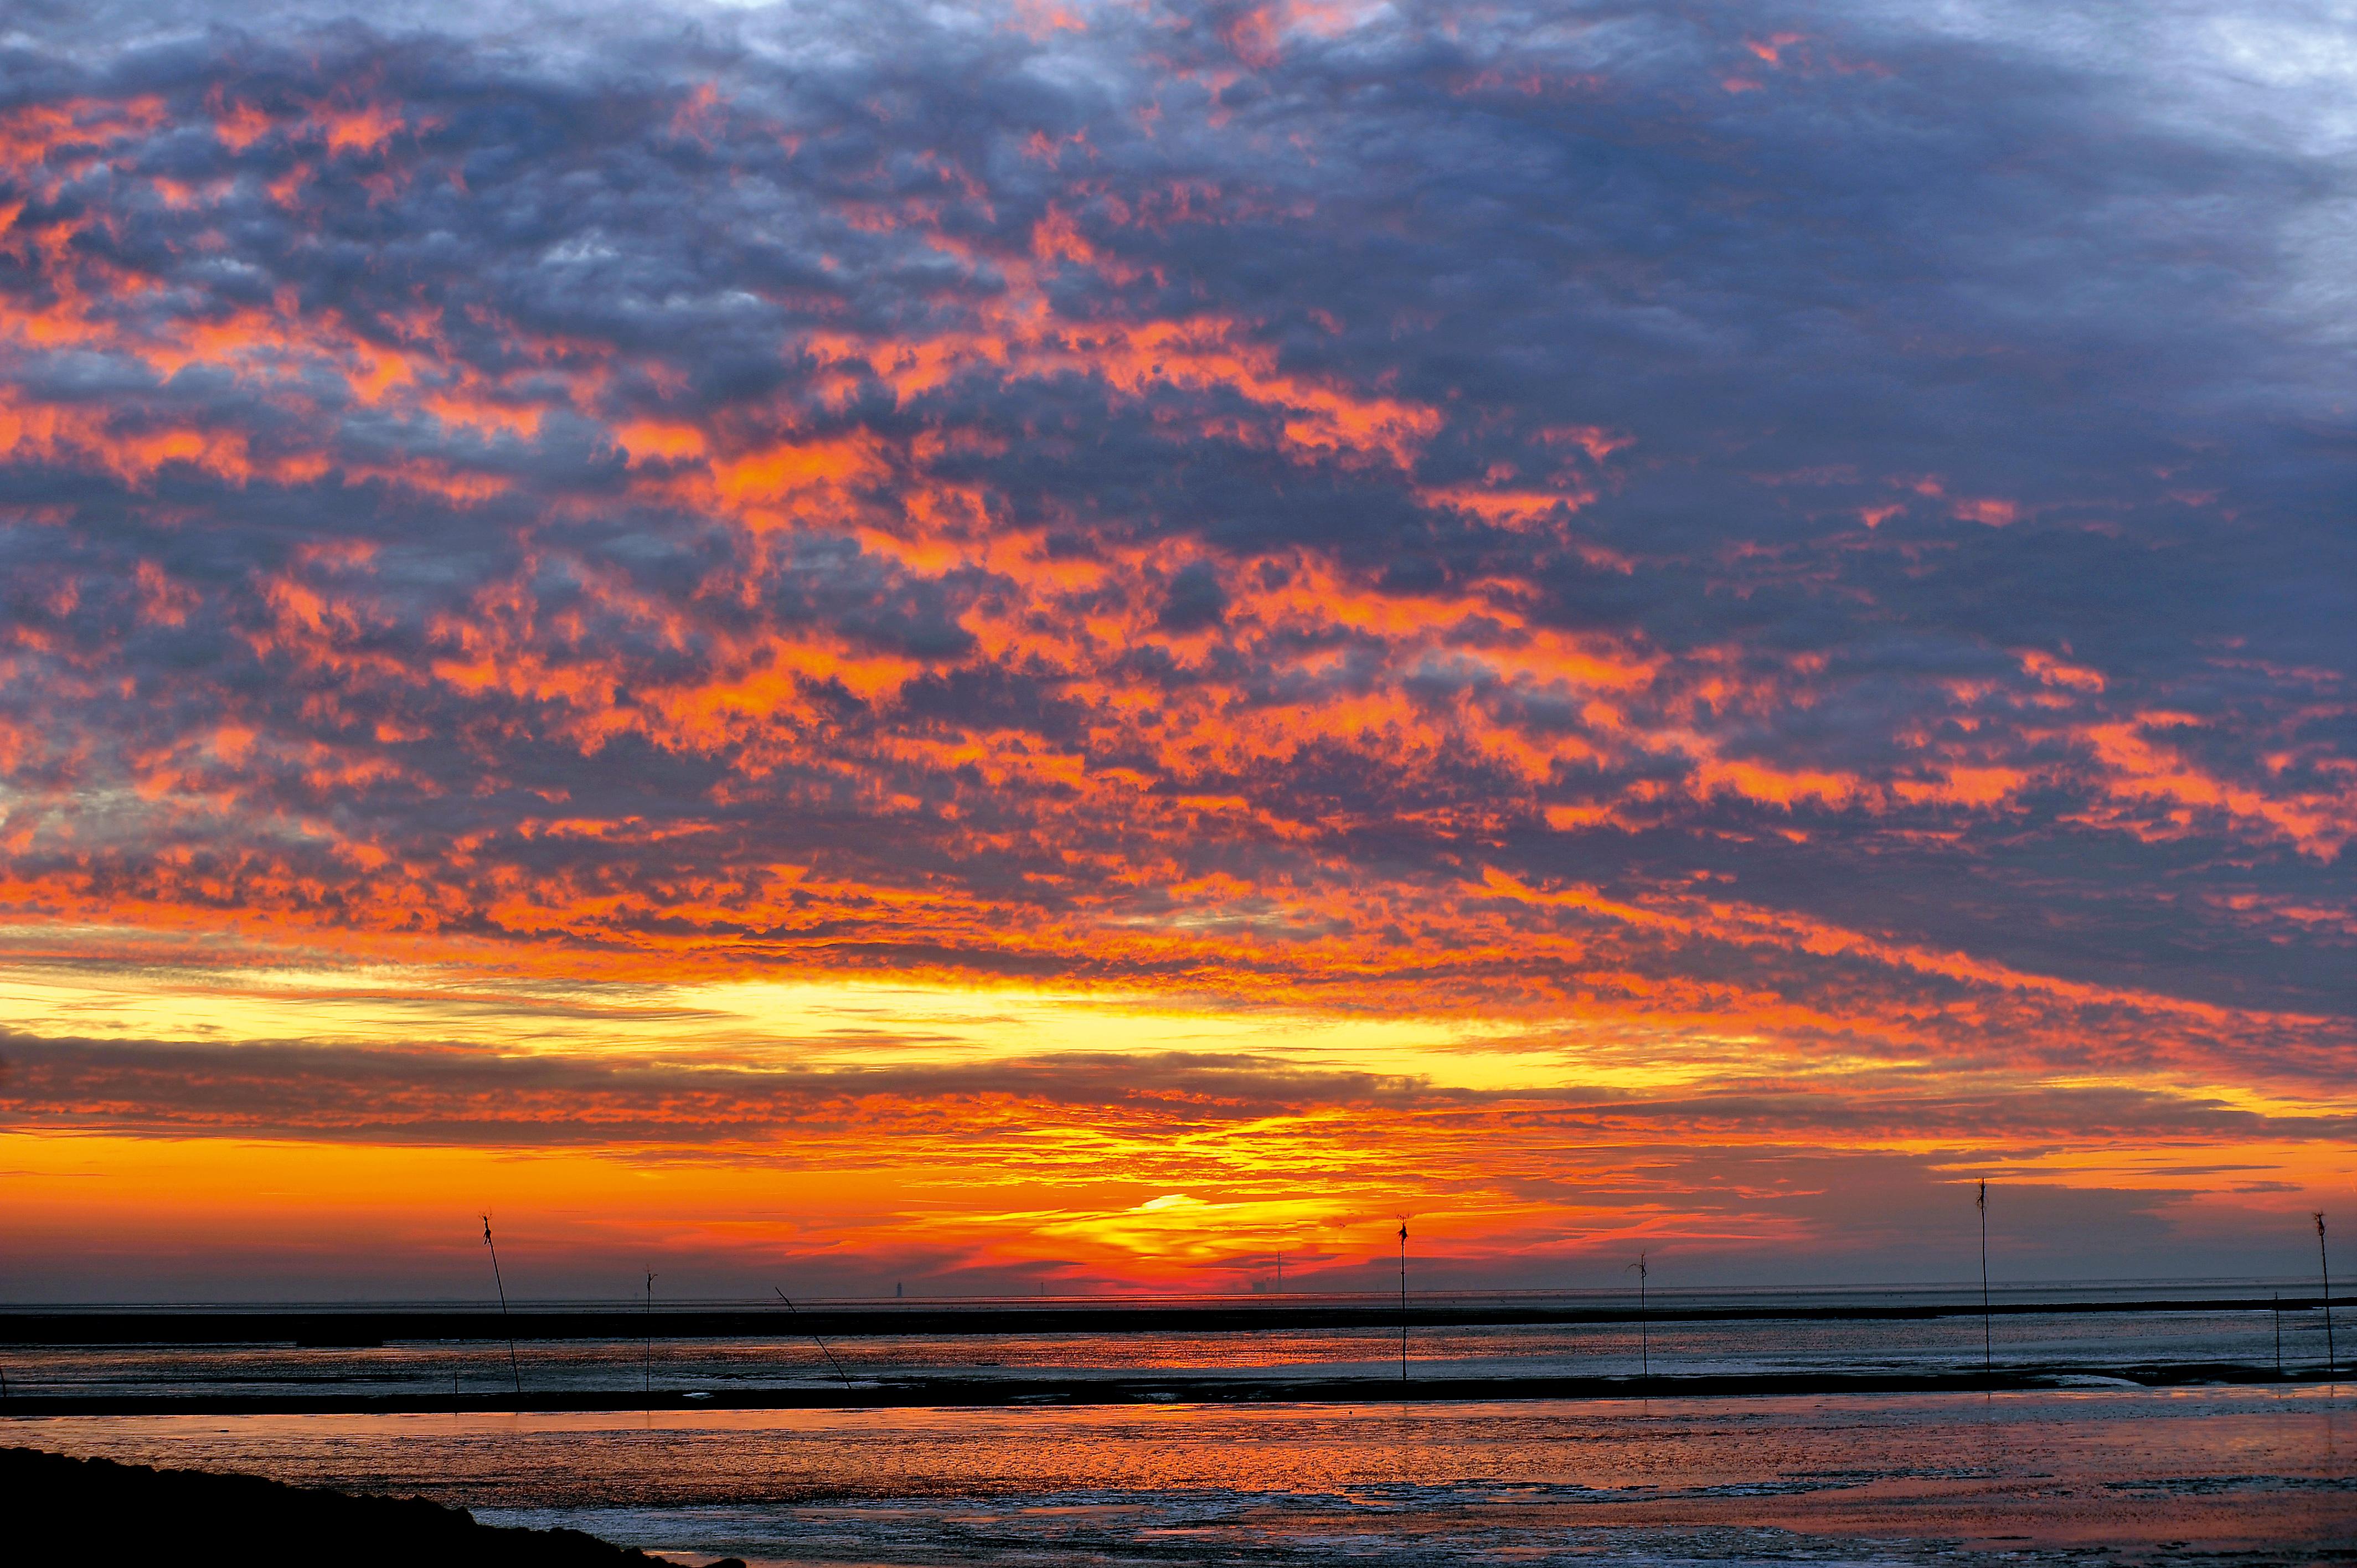 Die Sonnenuntergänge an der Nordsee sind fast täglich ein grandioses Schauspiel. © Beate Ulich / Die Nordsee GmbH